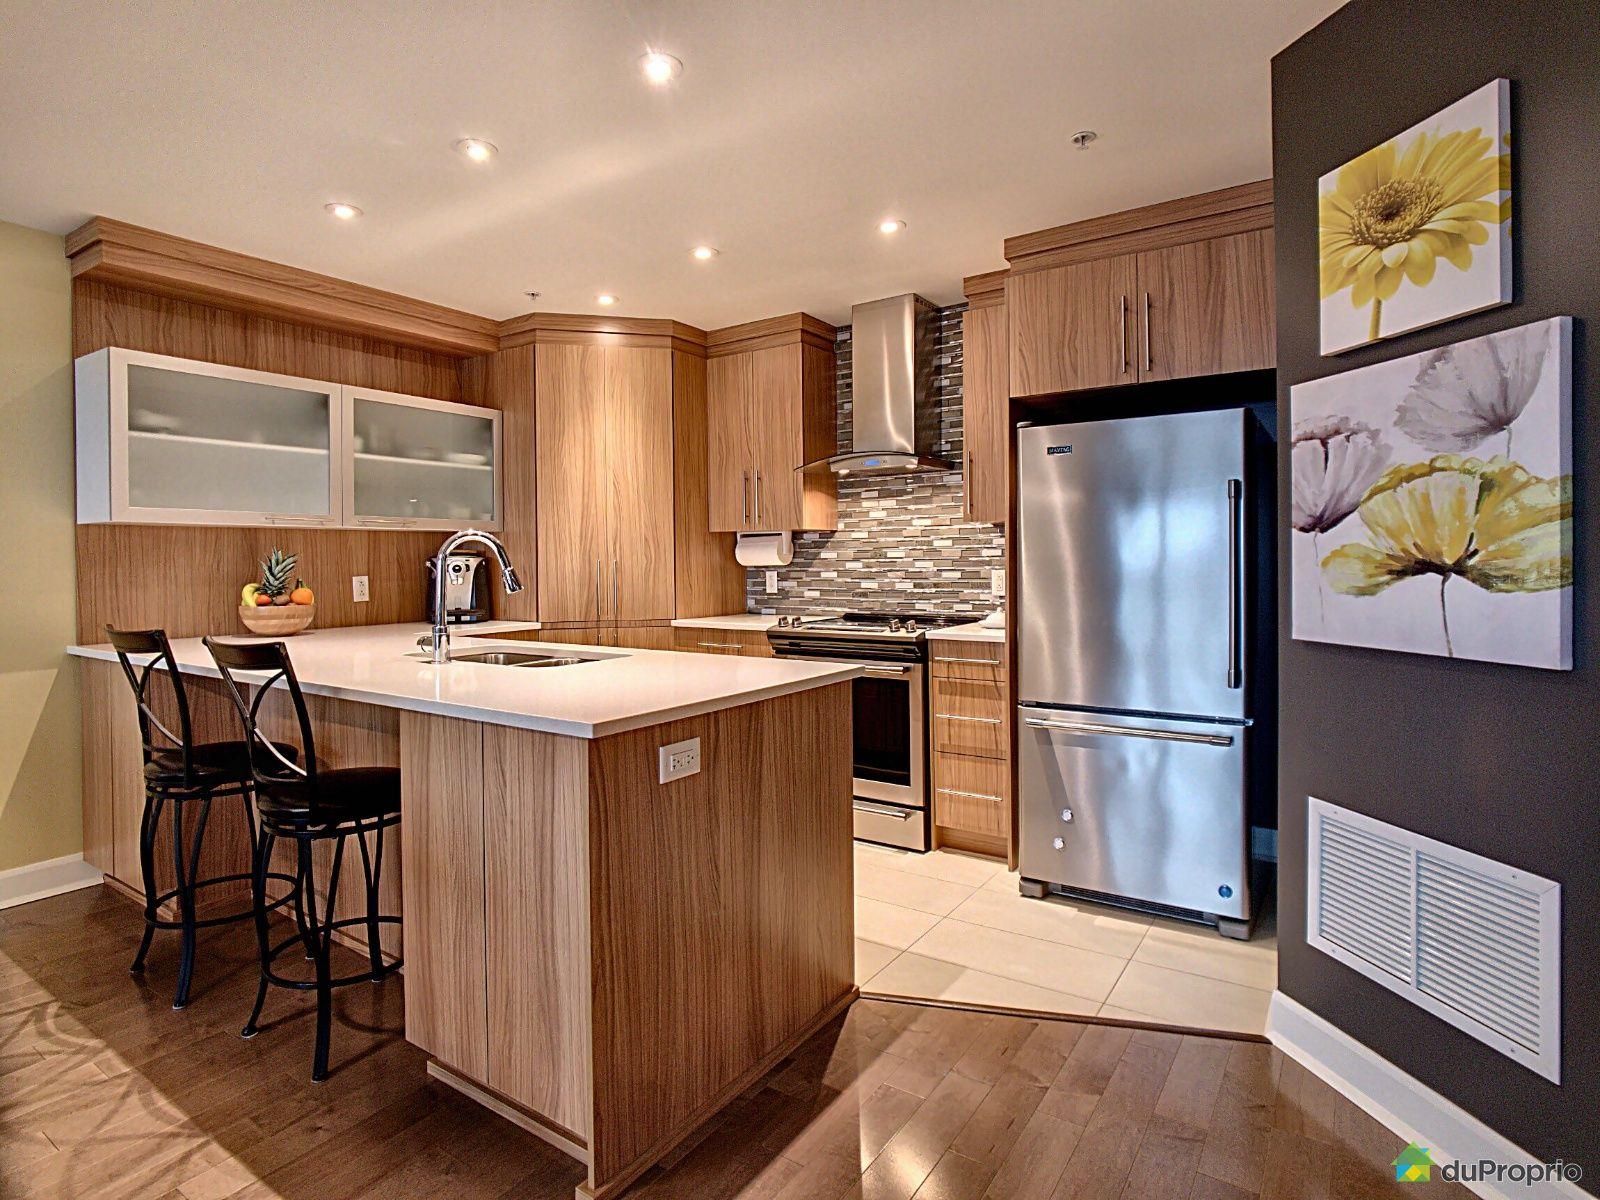 704-50, 54e Avenue Est, Blainville à vendre